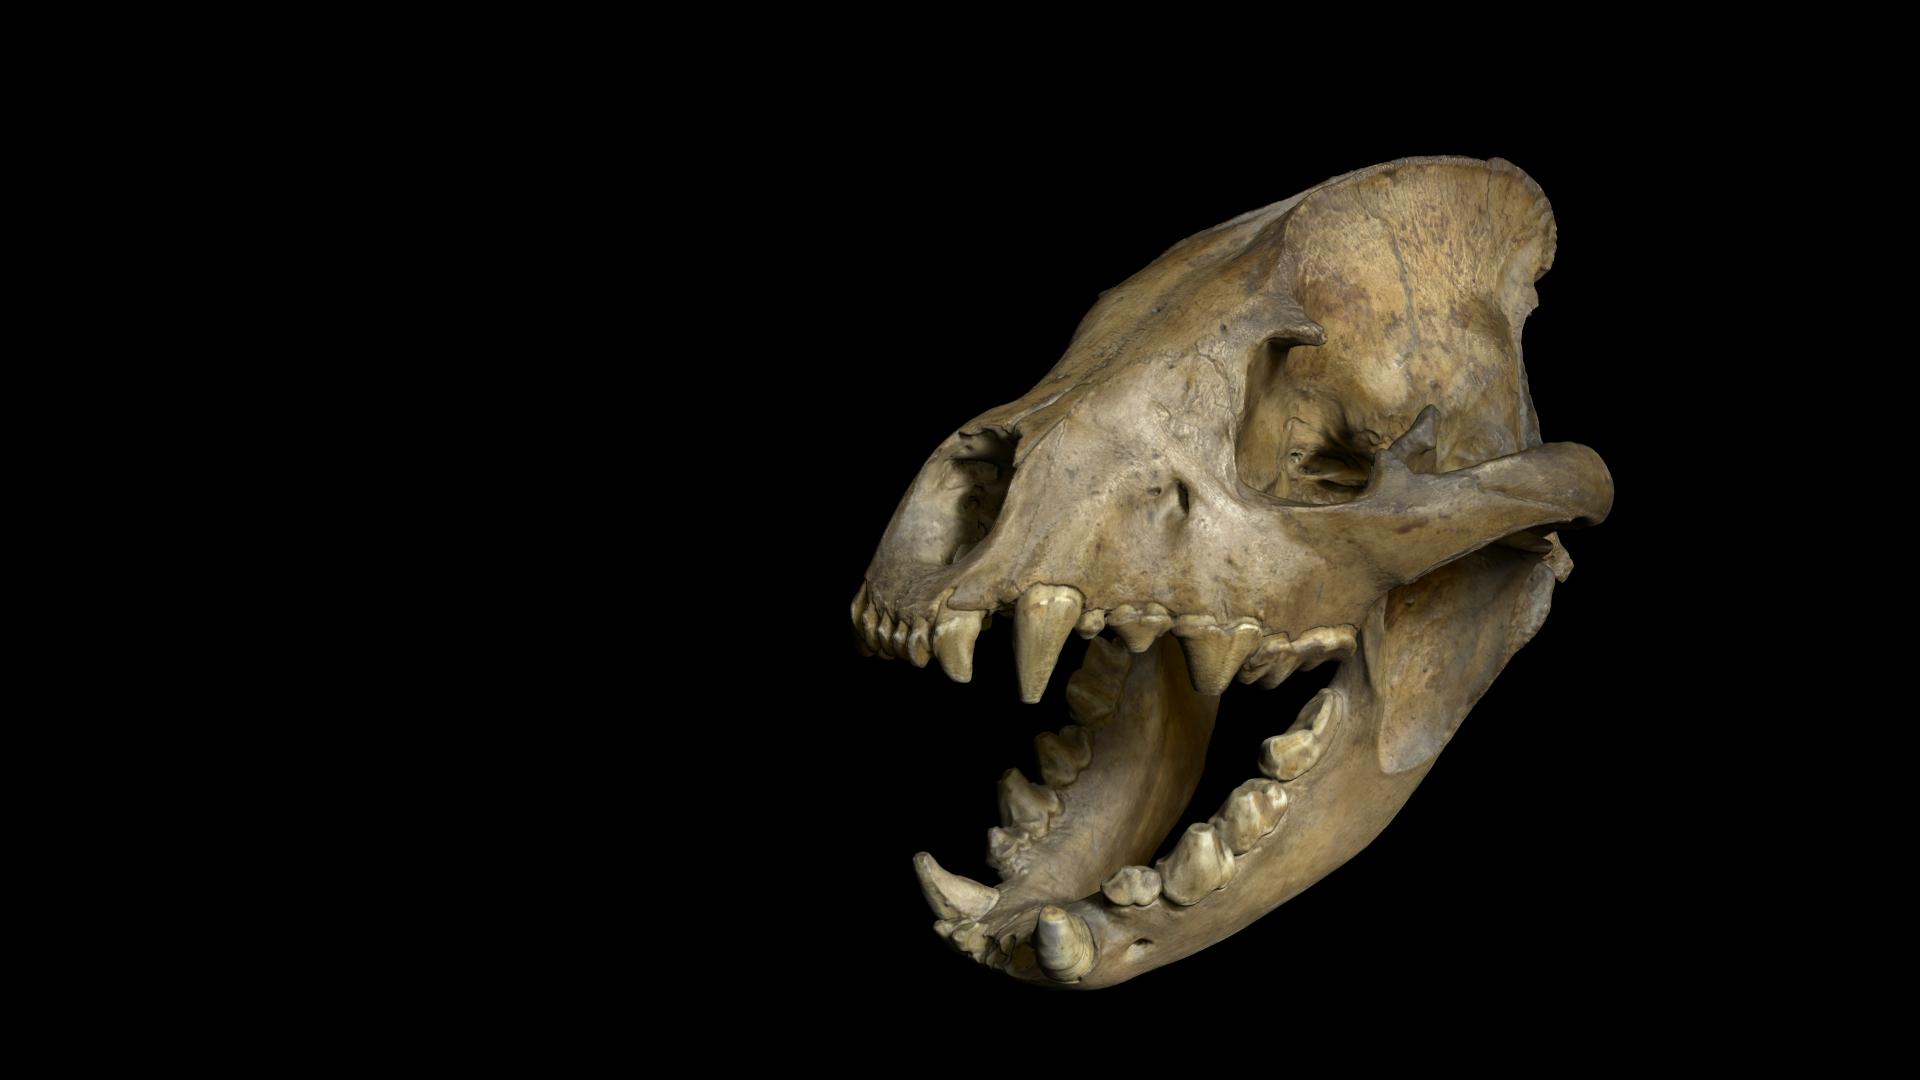 Numérisation 3D - Scanning 3D - Crâne de Hyène